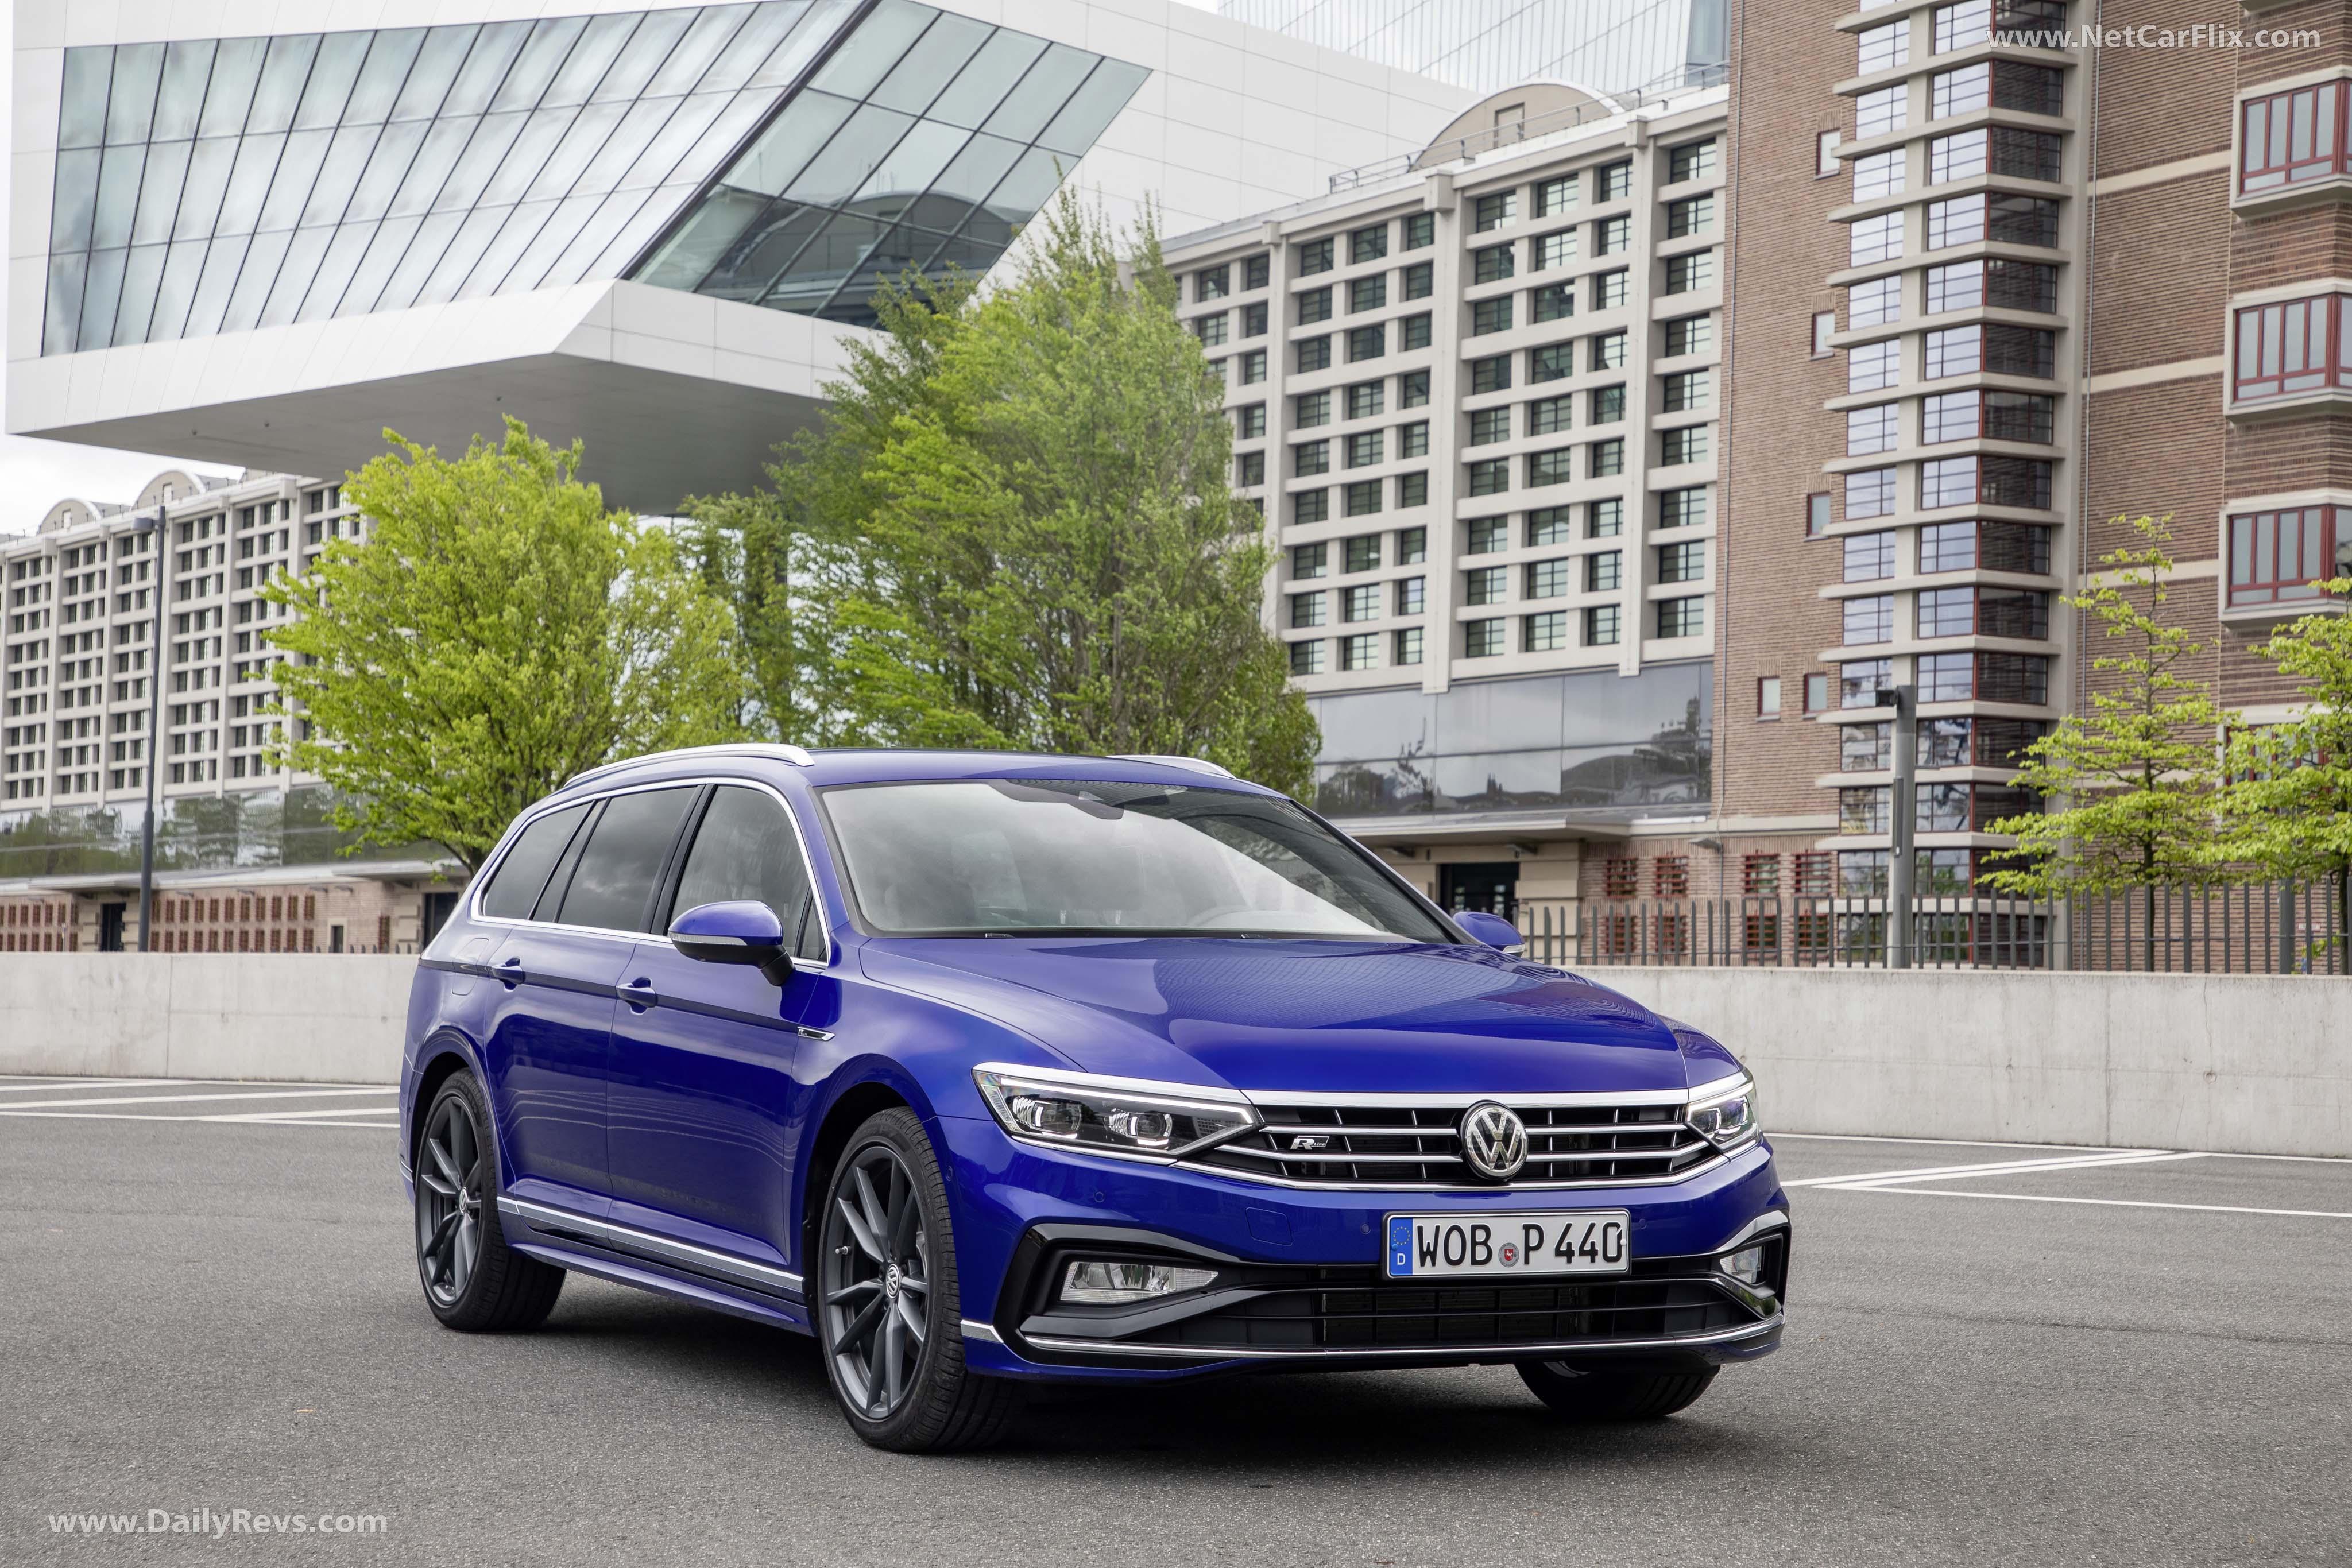 2020 Volkswagen Passat Variant - HD Pictures, Videos ...